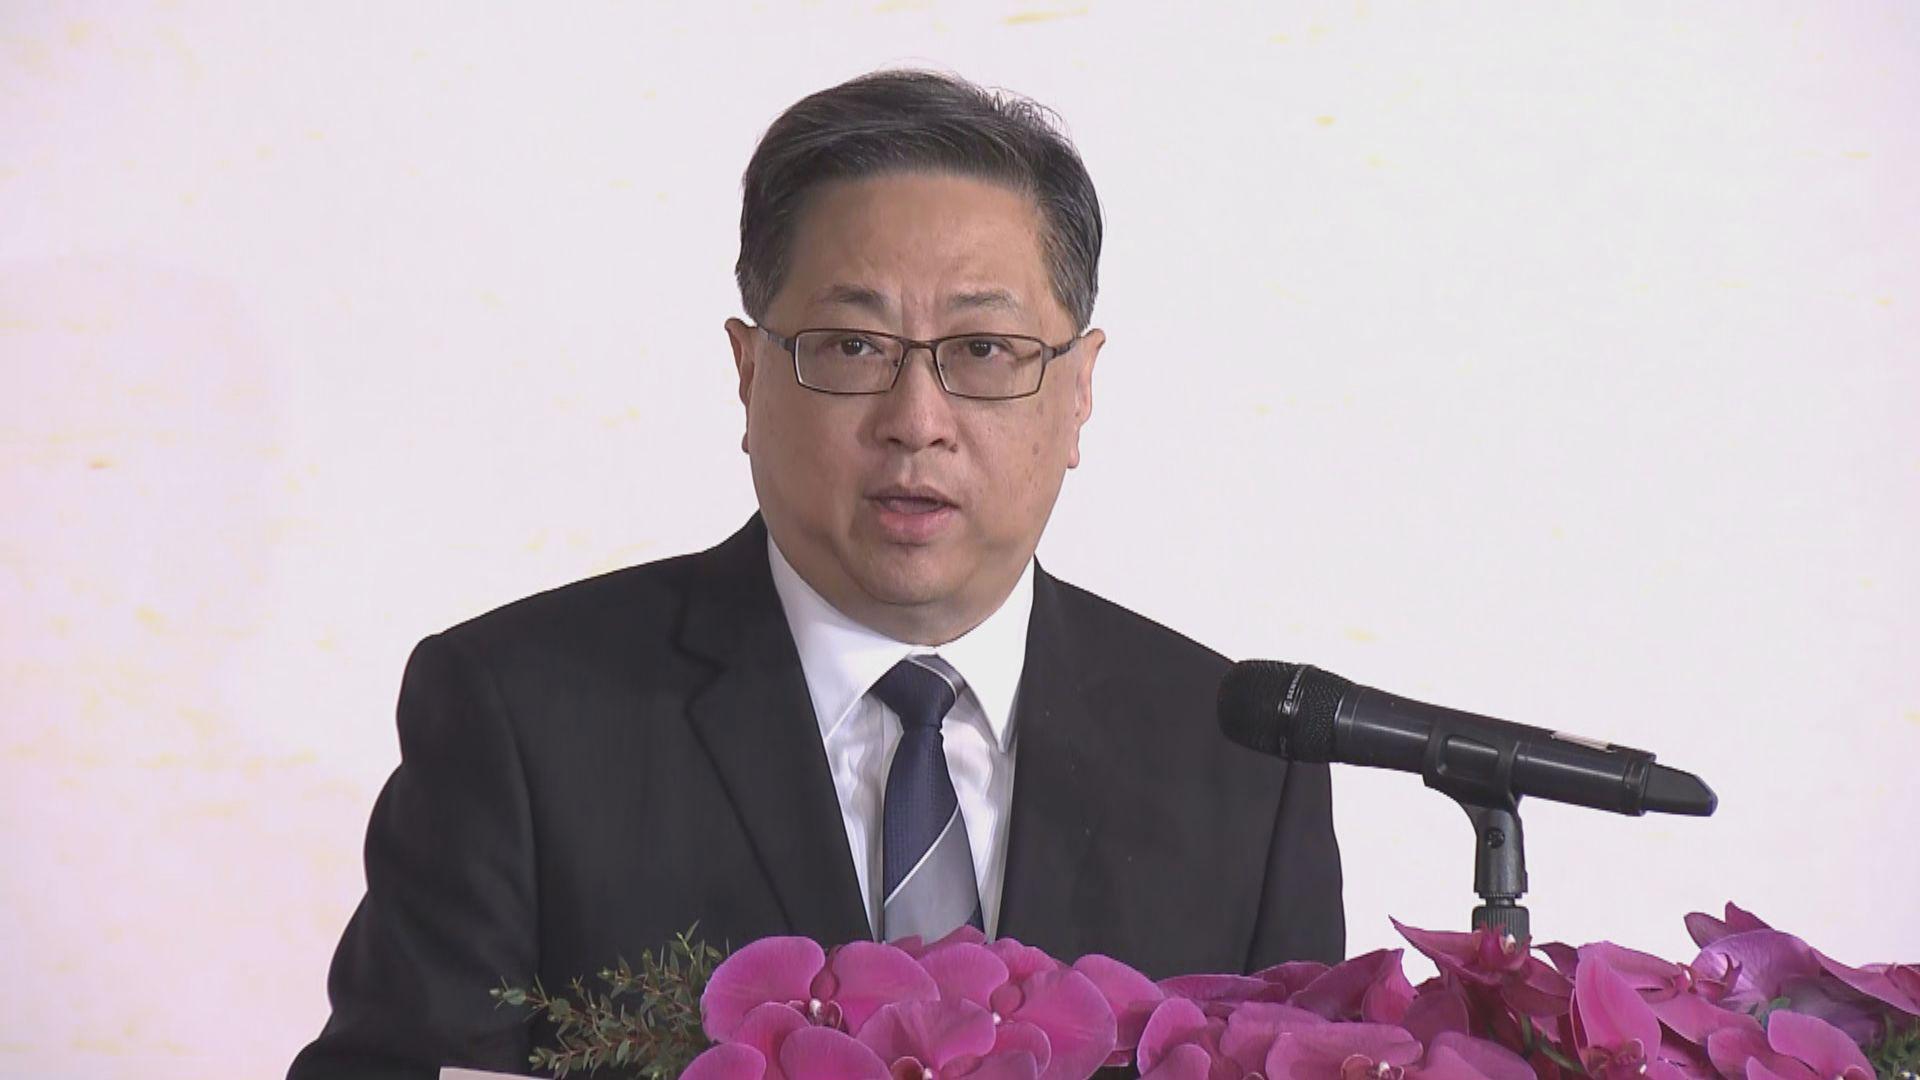 盧偉聰:對港獨行為必定果斷執法